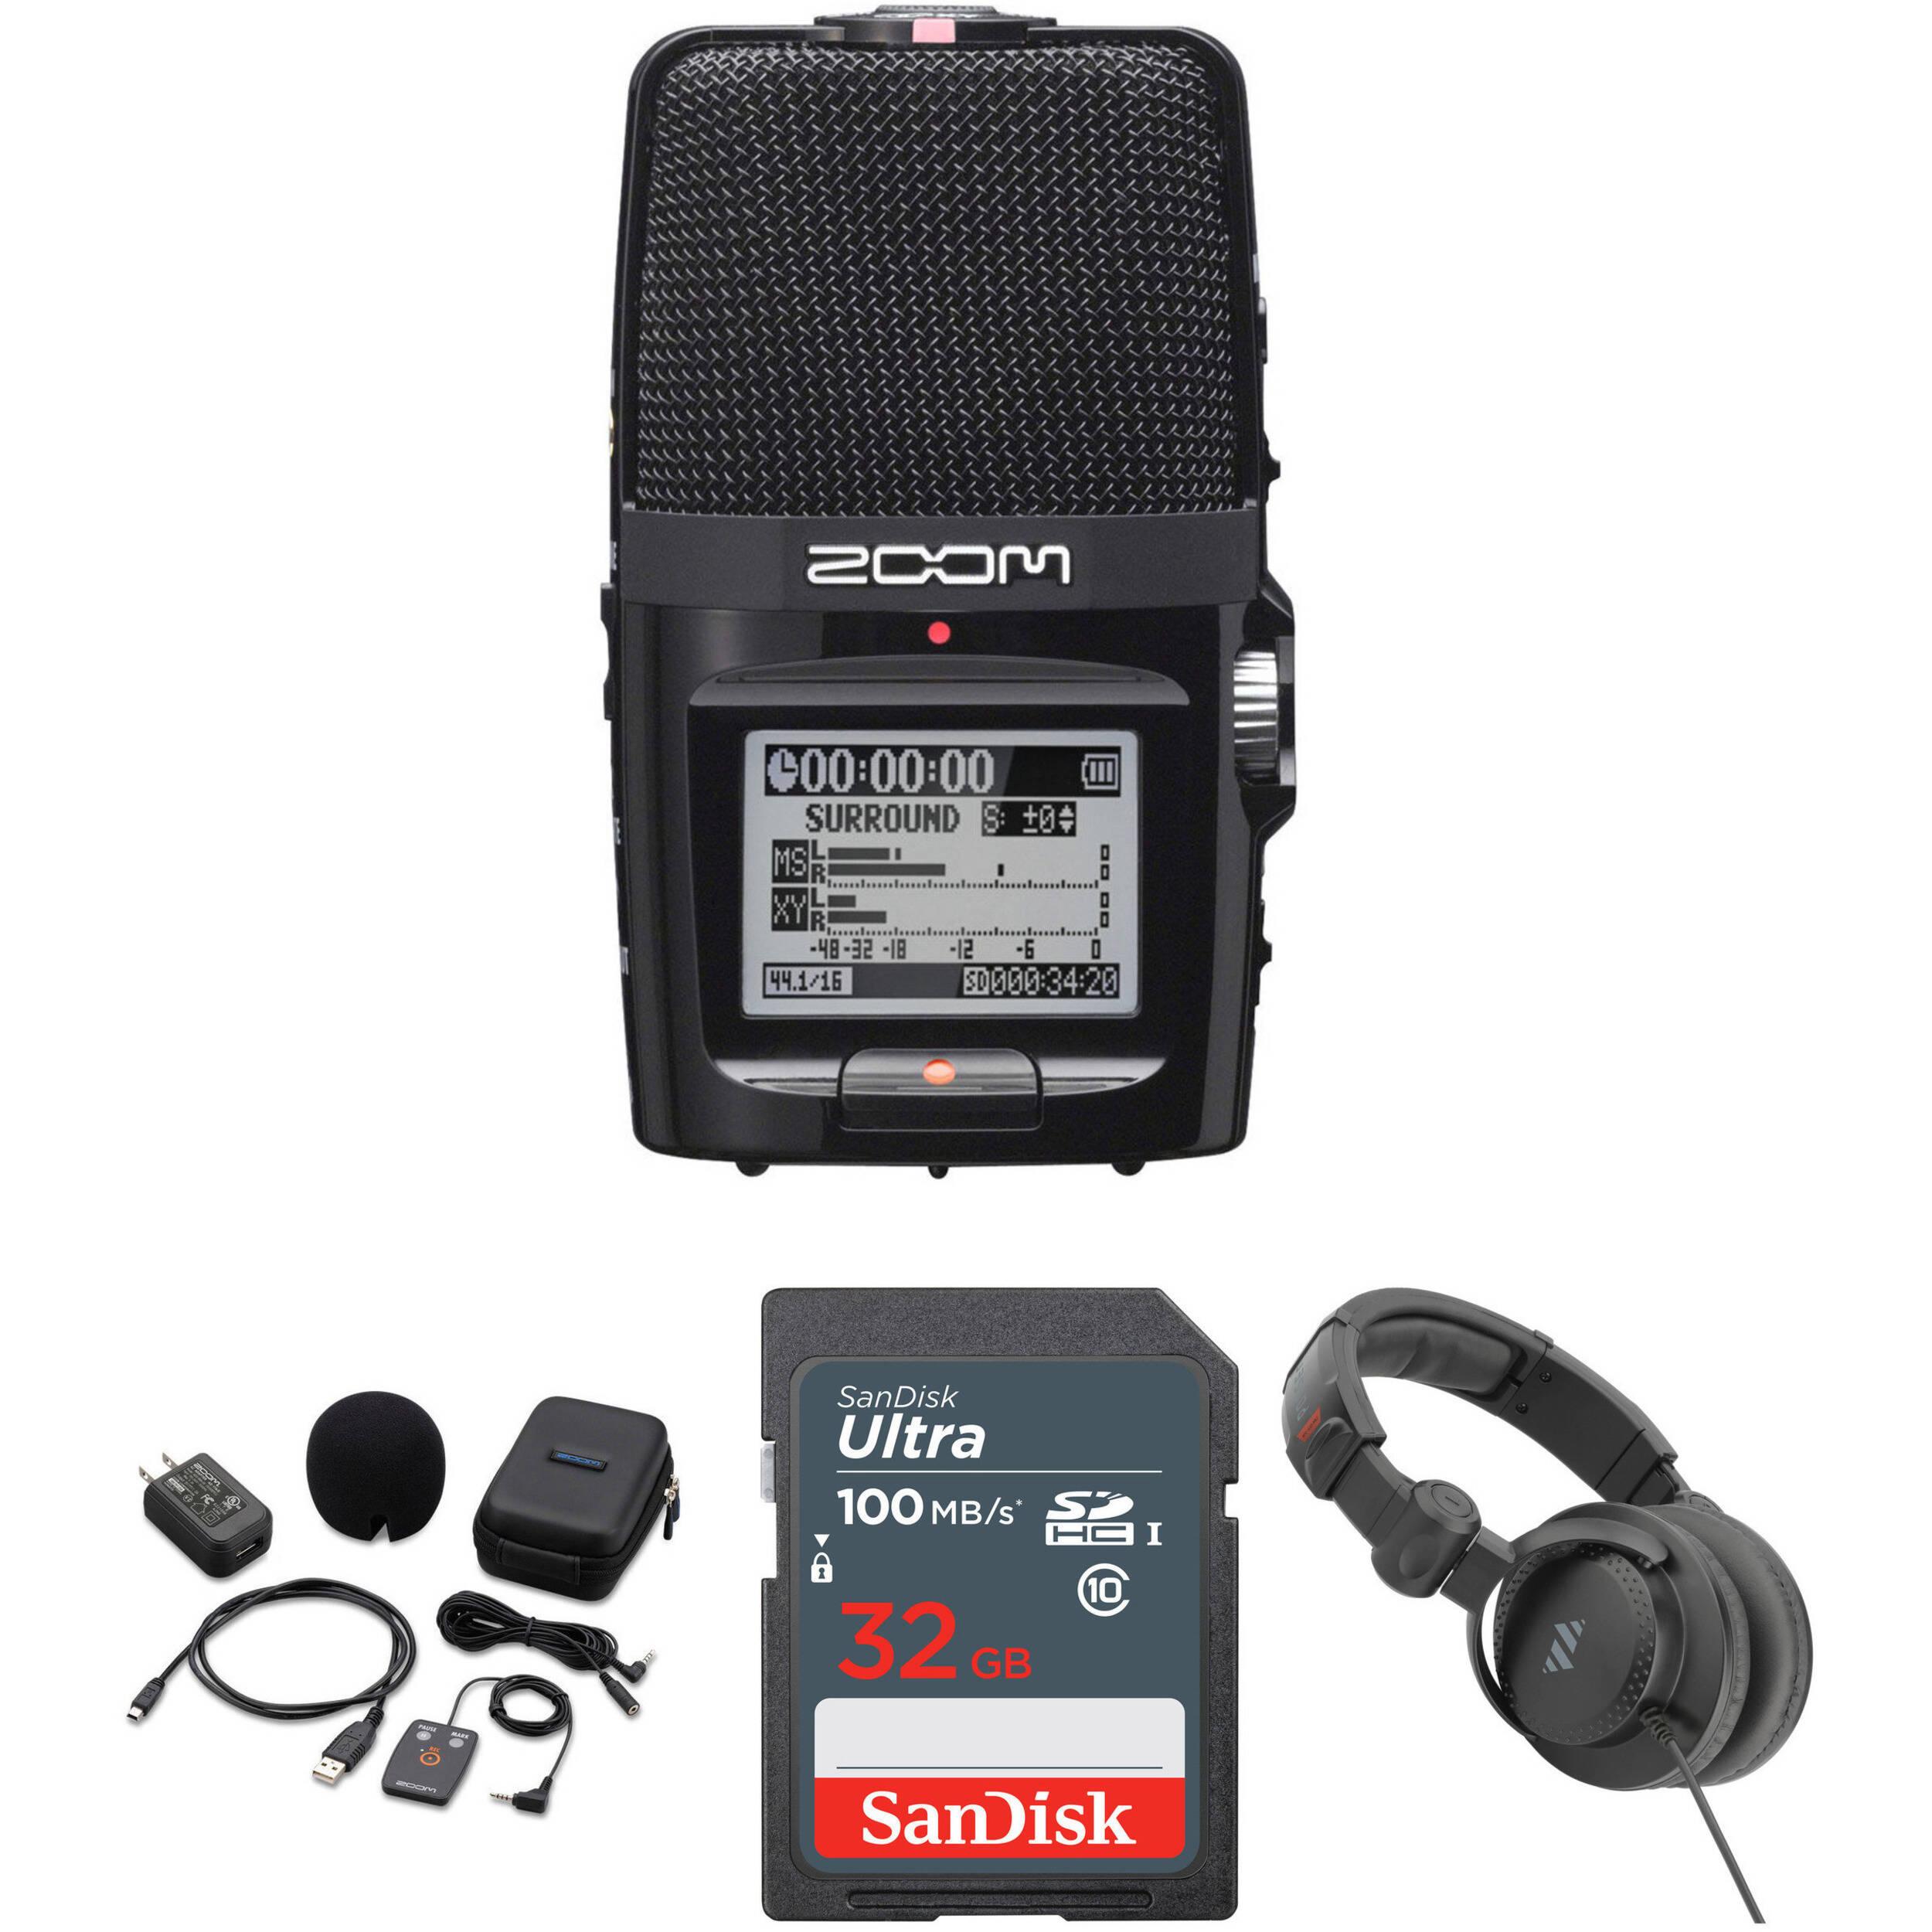 Zoom H2n Handy Handheld Digital Multitrack Recorder Bundle with APH-2n Accessory Pack and Headphones